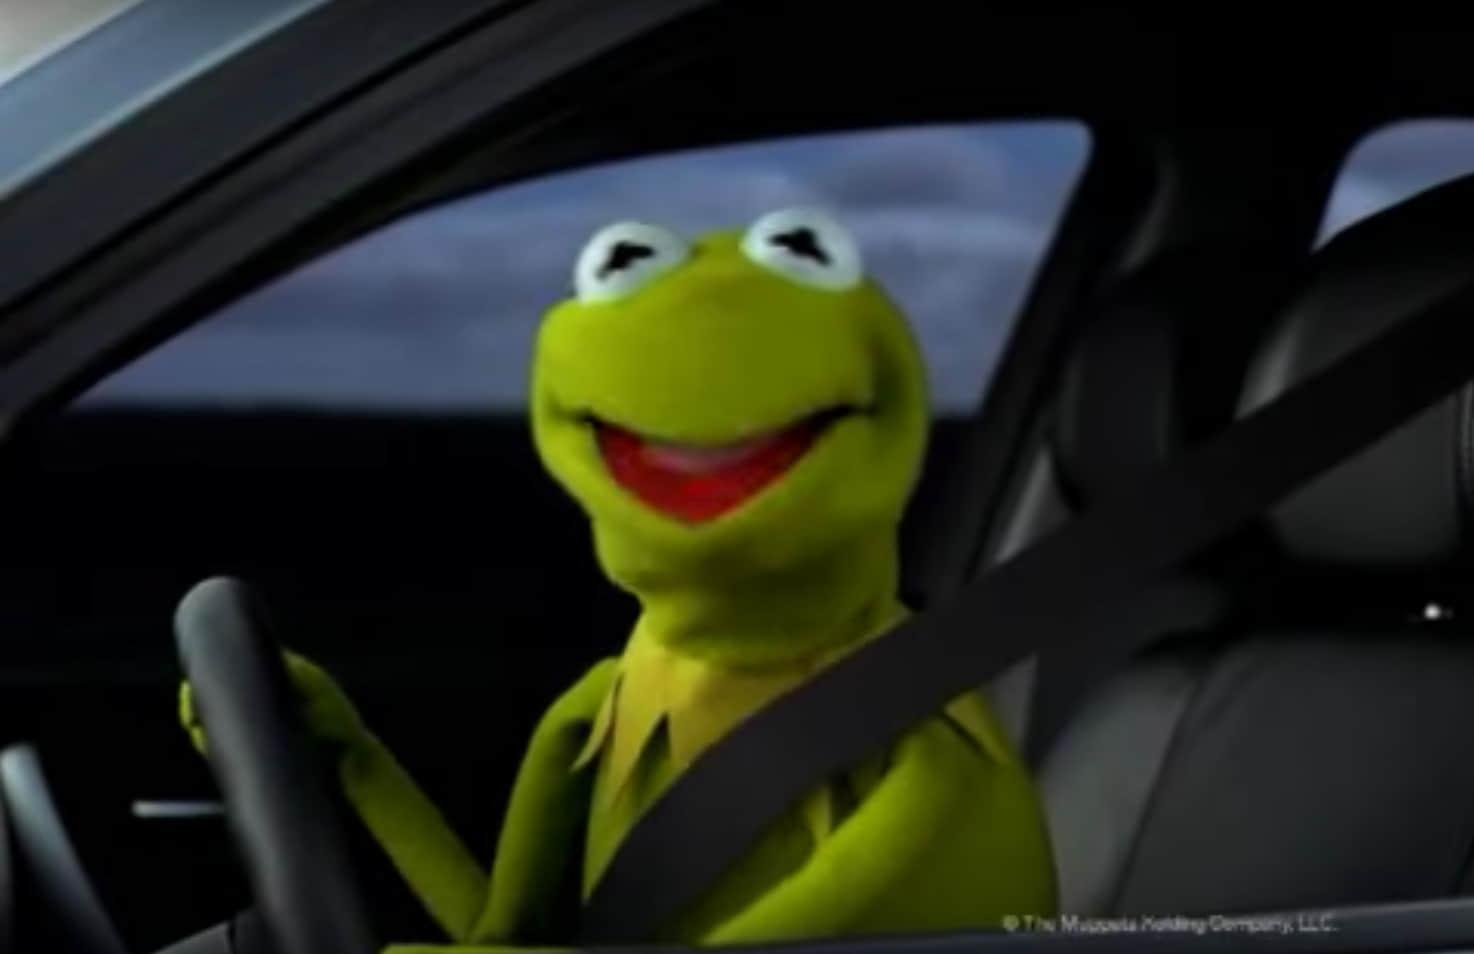 ¿Cómo saber si las personas del auto de al lado se están riendo de ti?